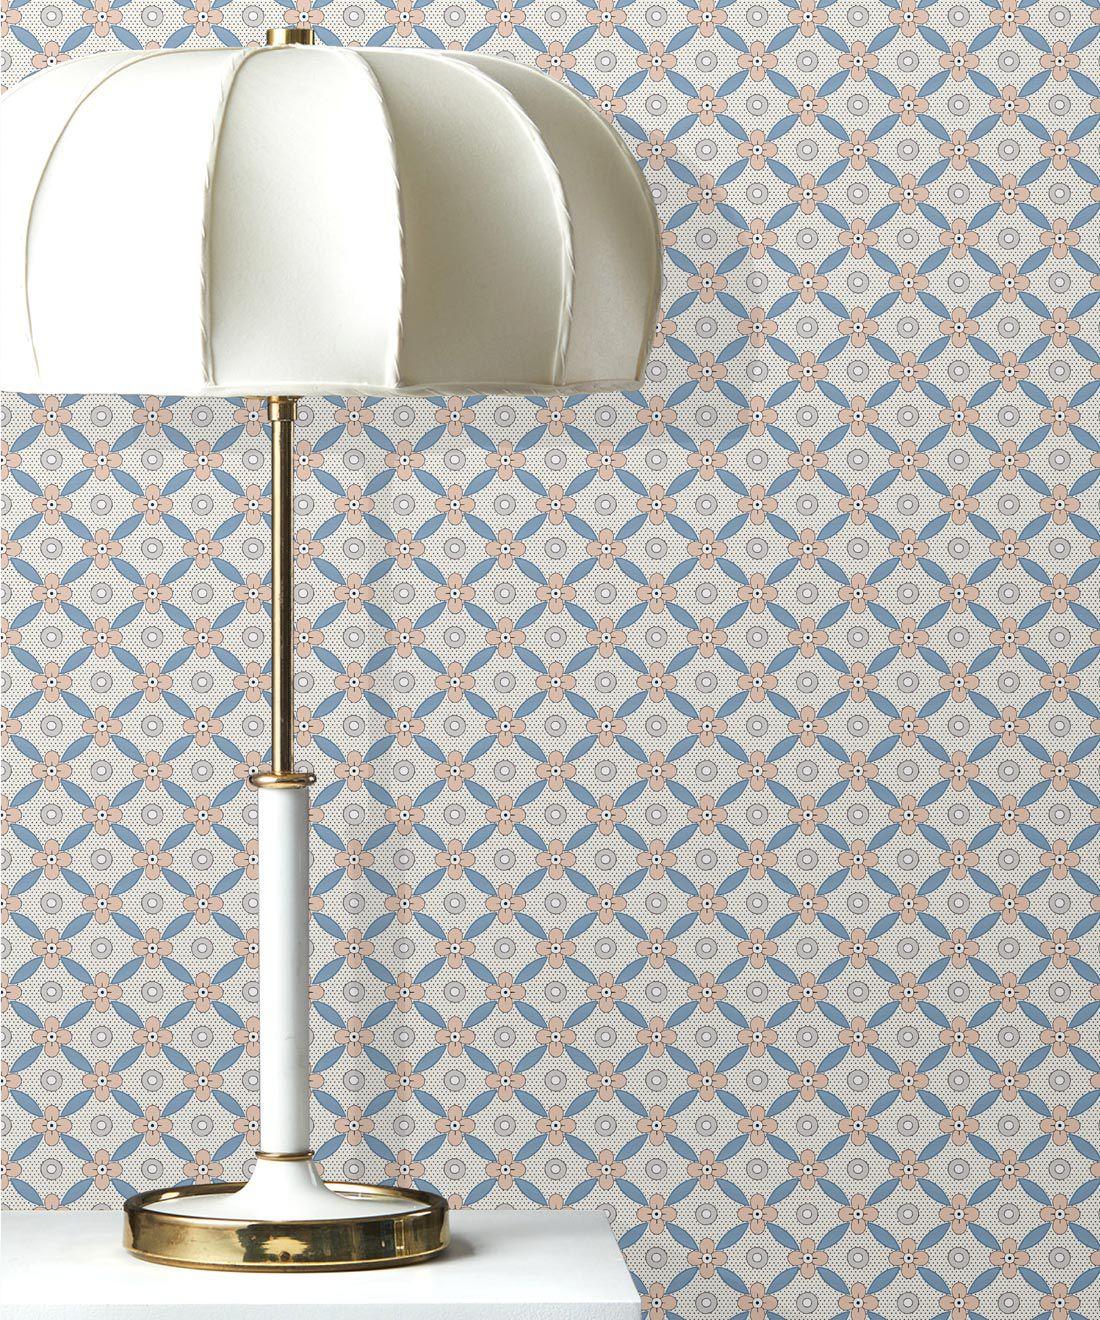 Petite Wallpaper • Blush • Insitu